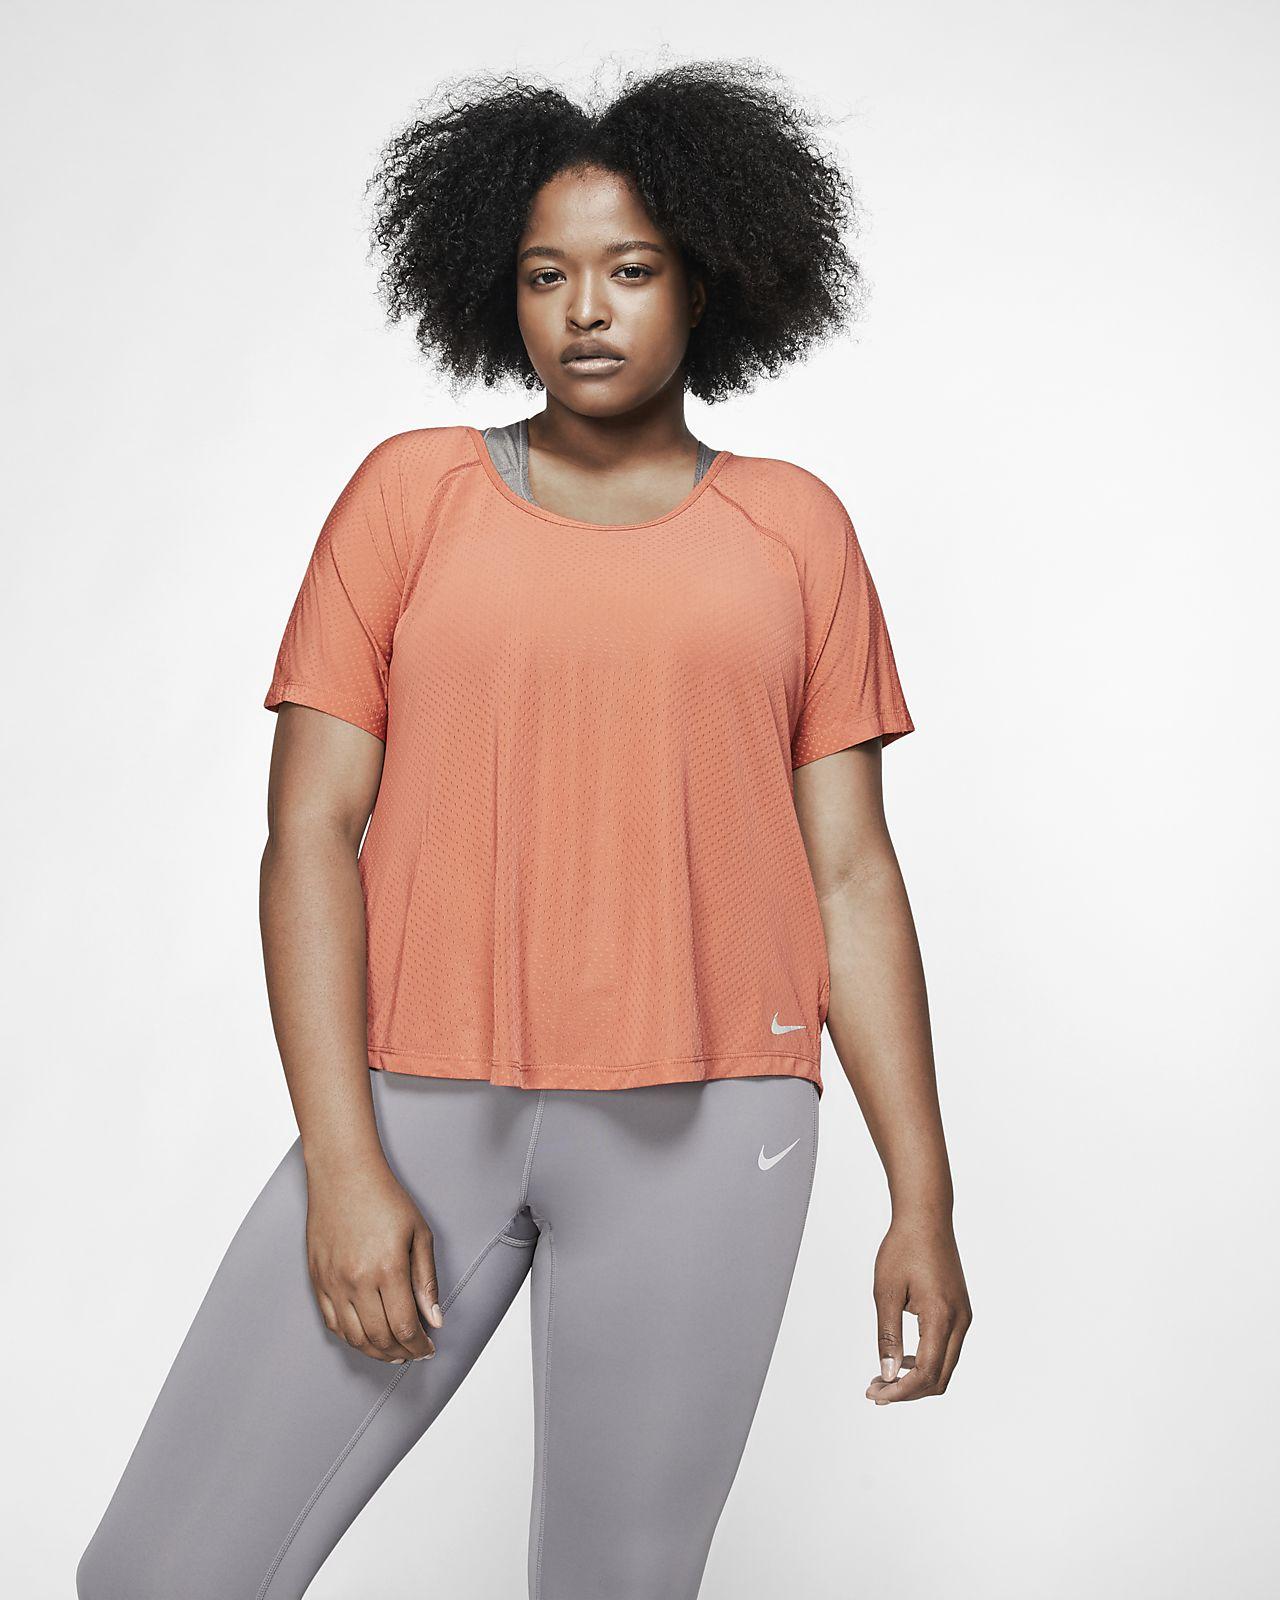 Dámský běžecký top Nike Breathe Miler (větší velikost)